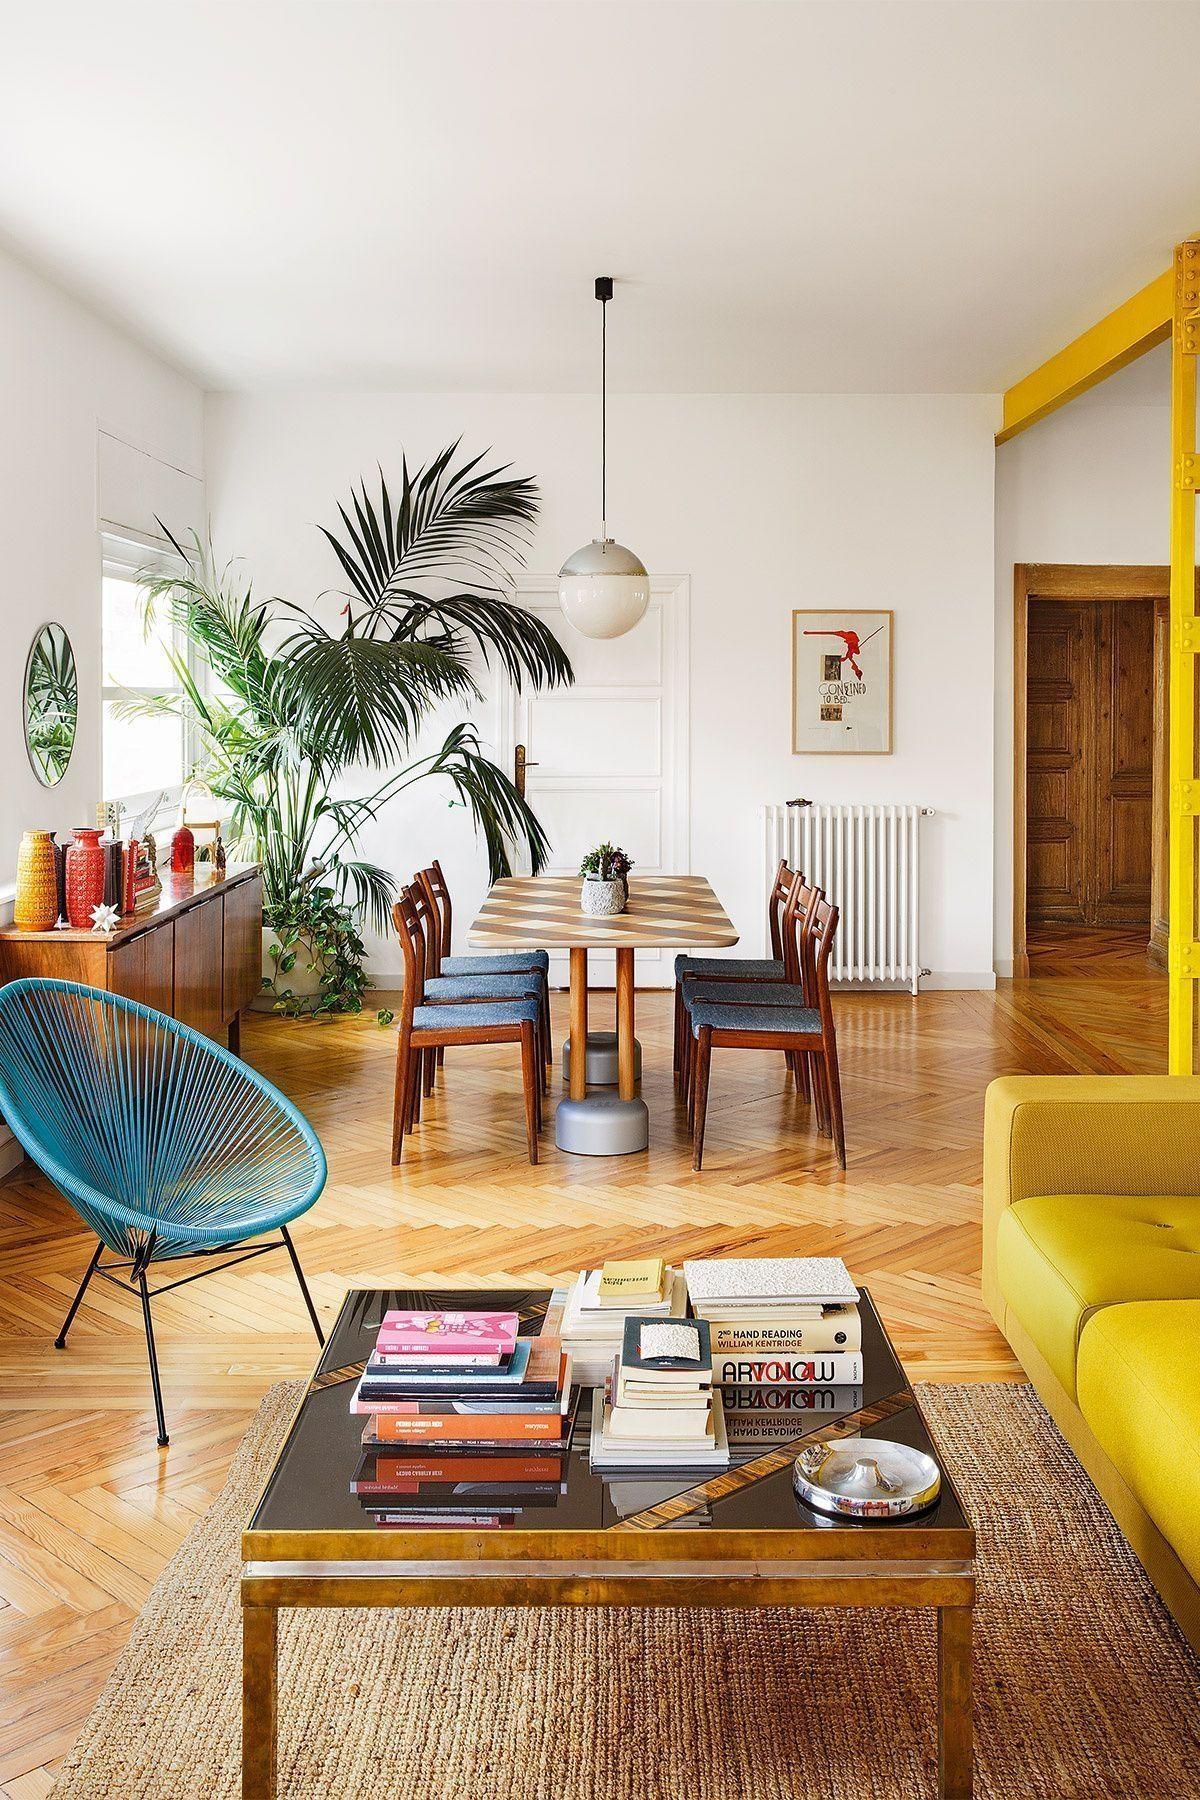 Best 30 Outstanding Mid Century Interior Design Ideas Kitchen 400 x 300